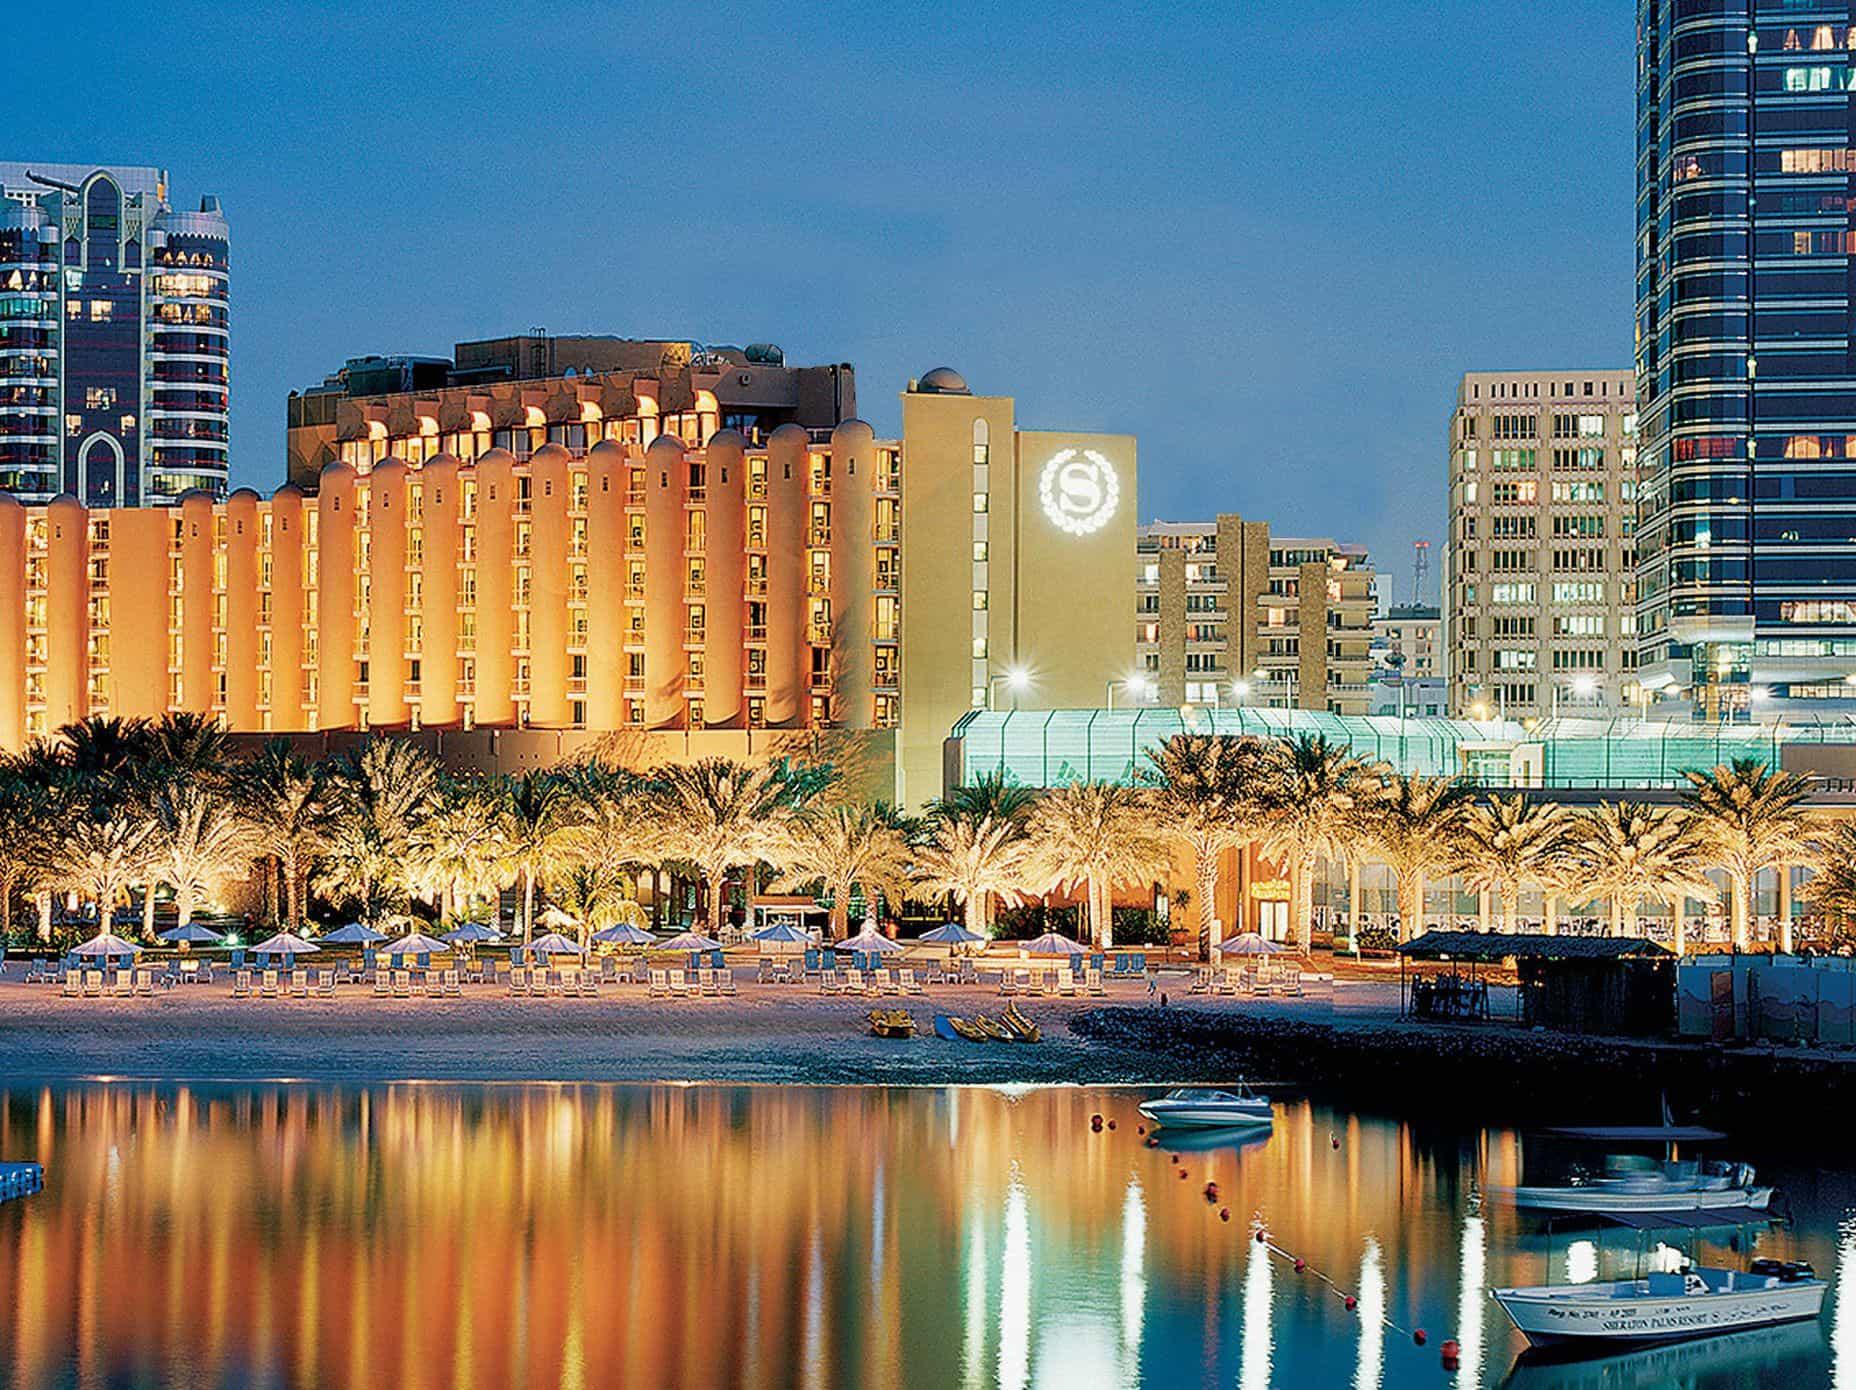 ارخص شقق فندقية في ابوظبي